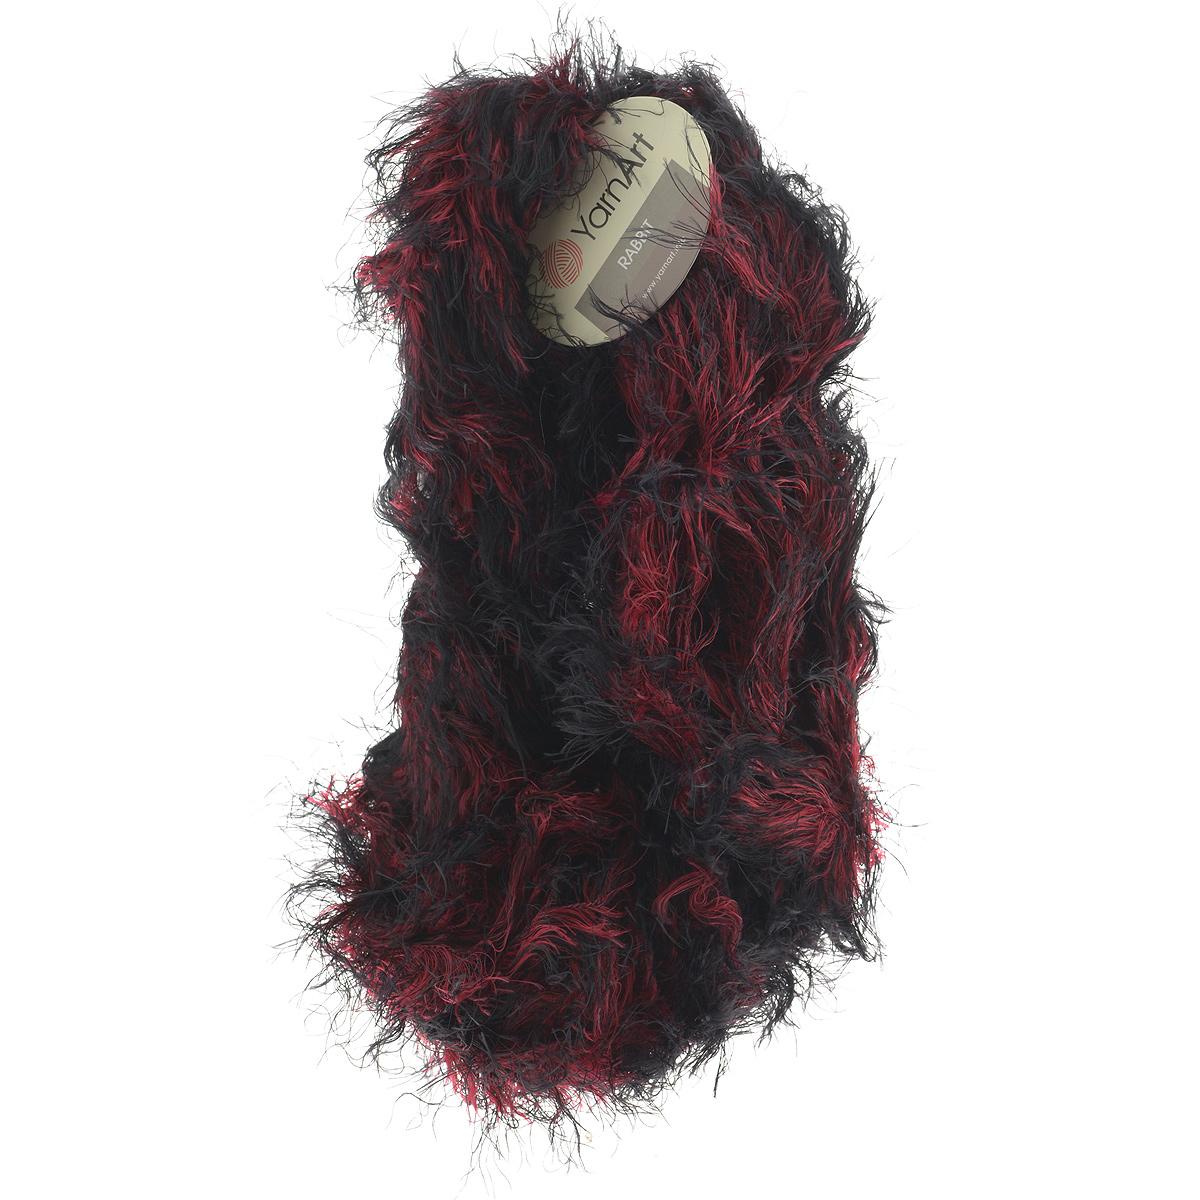 Пряжа для вязания YarnArt Rabbit, цвет: черный, красный (557), 90 м, 100 г, 4 шт693354_557Пряжа Rabbit - новинка, имитирующая мех кролика фантазийной окраски. Нить тонкая с длинным ворсом. Подходит в качестве отделки одежды, а также в качестве основной пряжи. Вязать лучше всего лицевой гладью, тогда изделие получится мягким и пушистым, как настоящий мех. Состав: 100% полиамид. Рекомендованные спицы и крючок № 6-6,5.